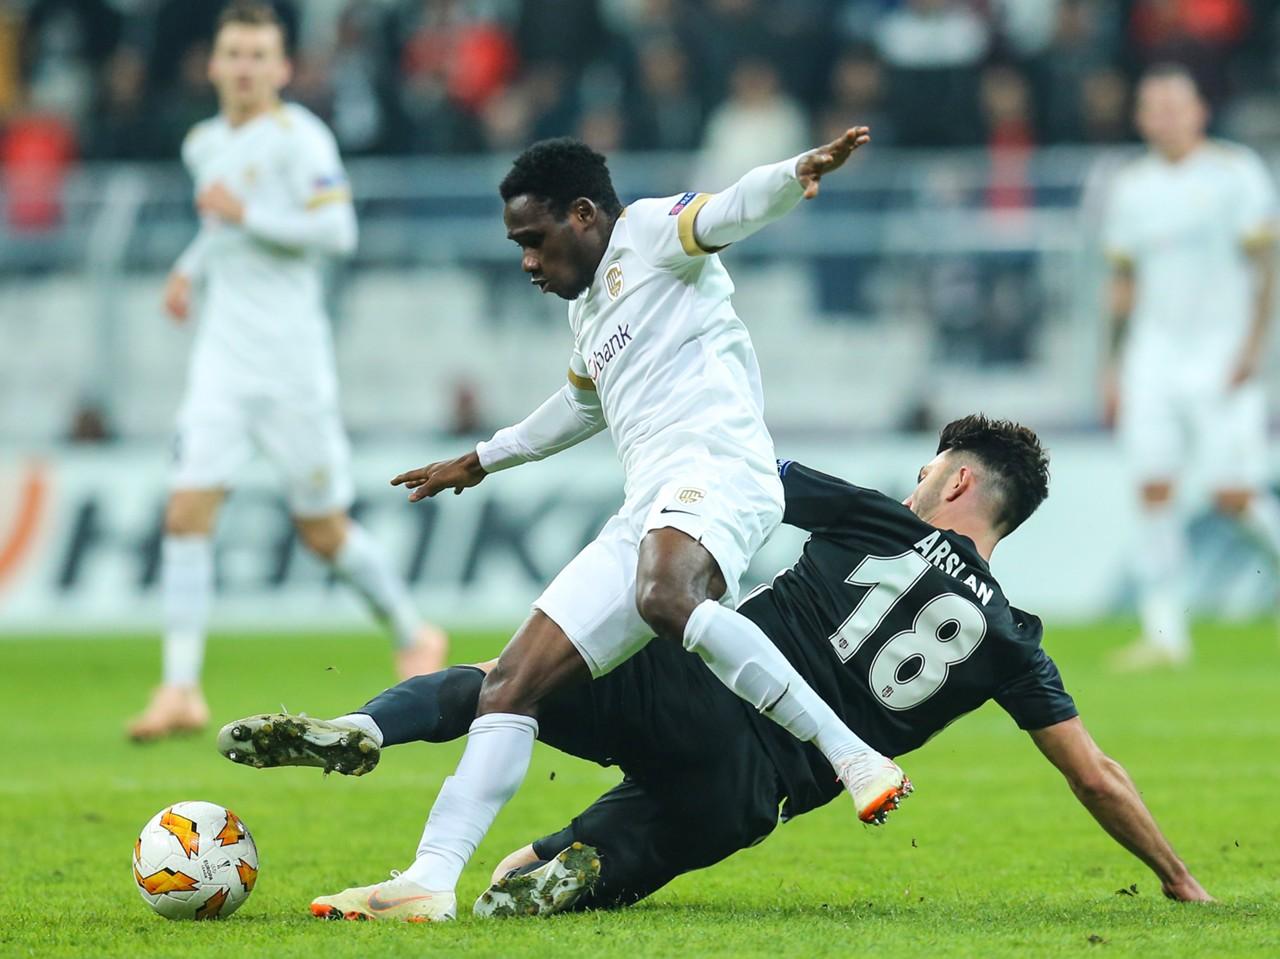 Bein Sports 1 Canlı Izle şifresiz Genk Beşiktaş Maçı İzle: Genk Beşiktaş Maçı Canlı Izle BeIN Sports şifresiz Genk